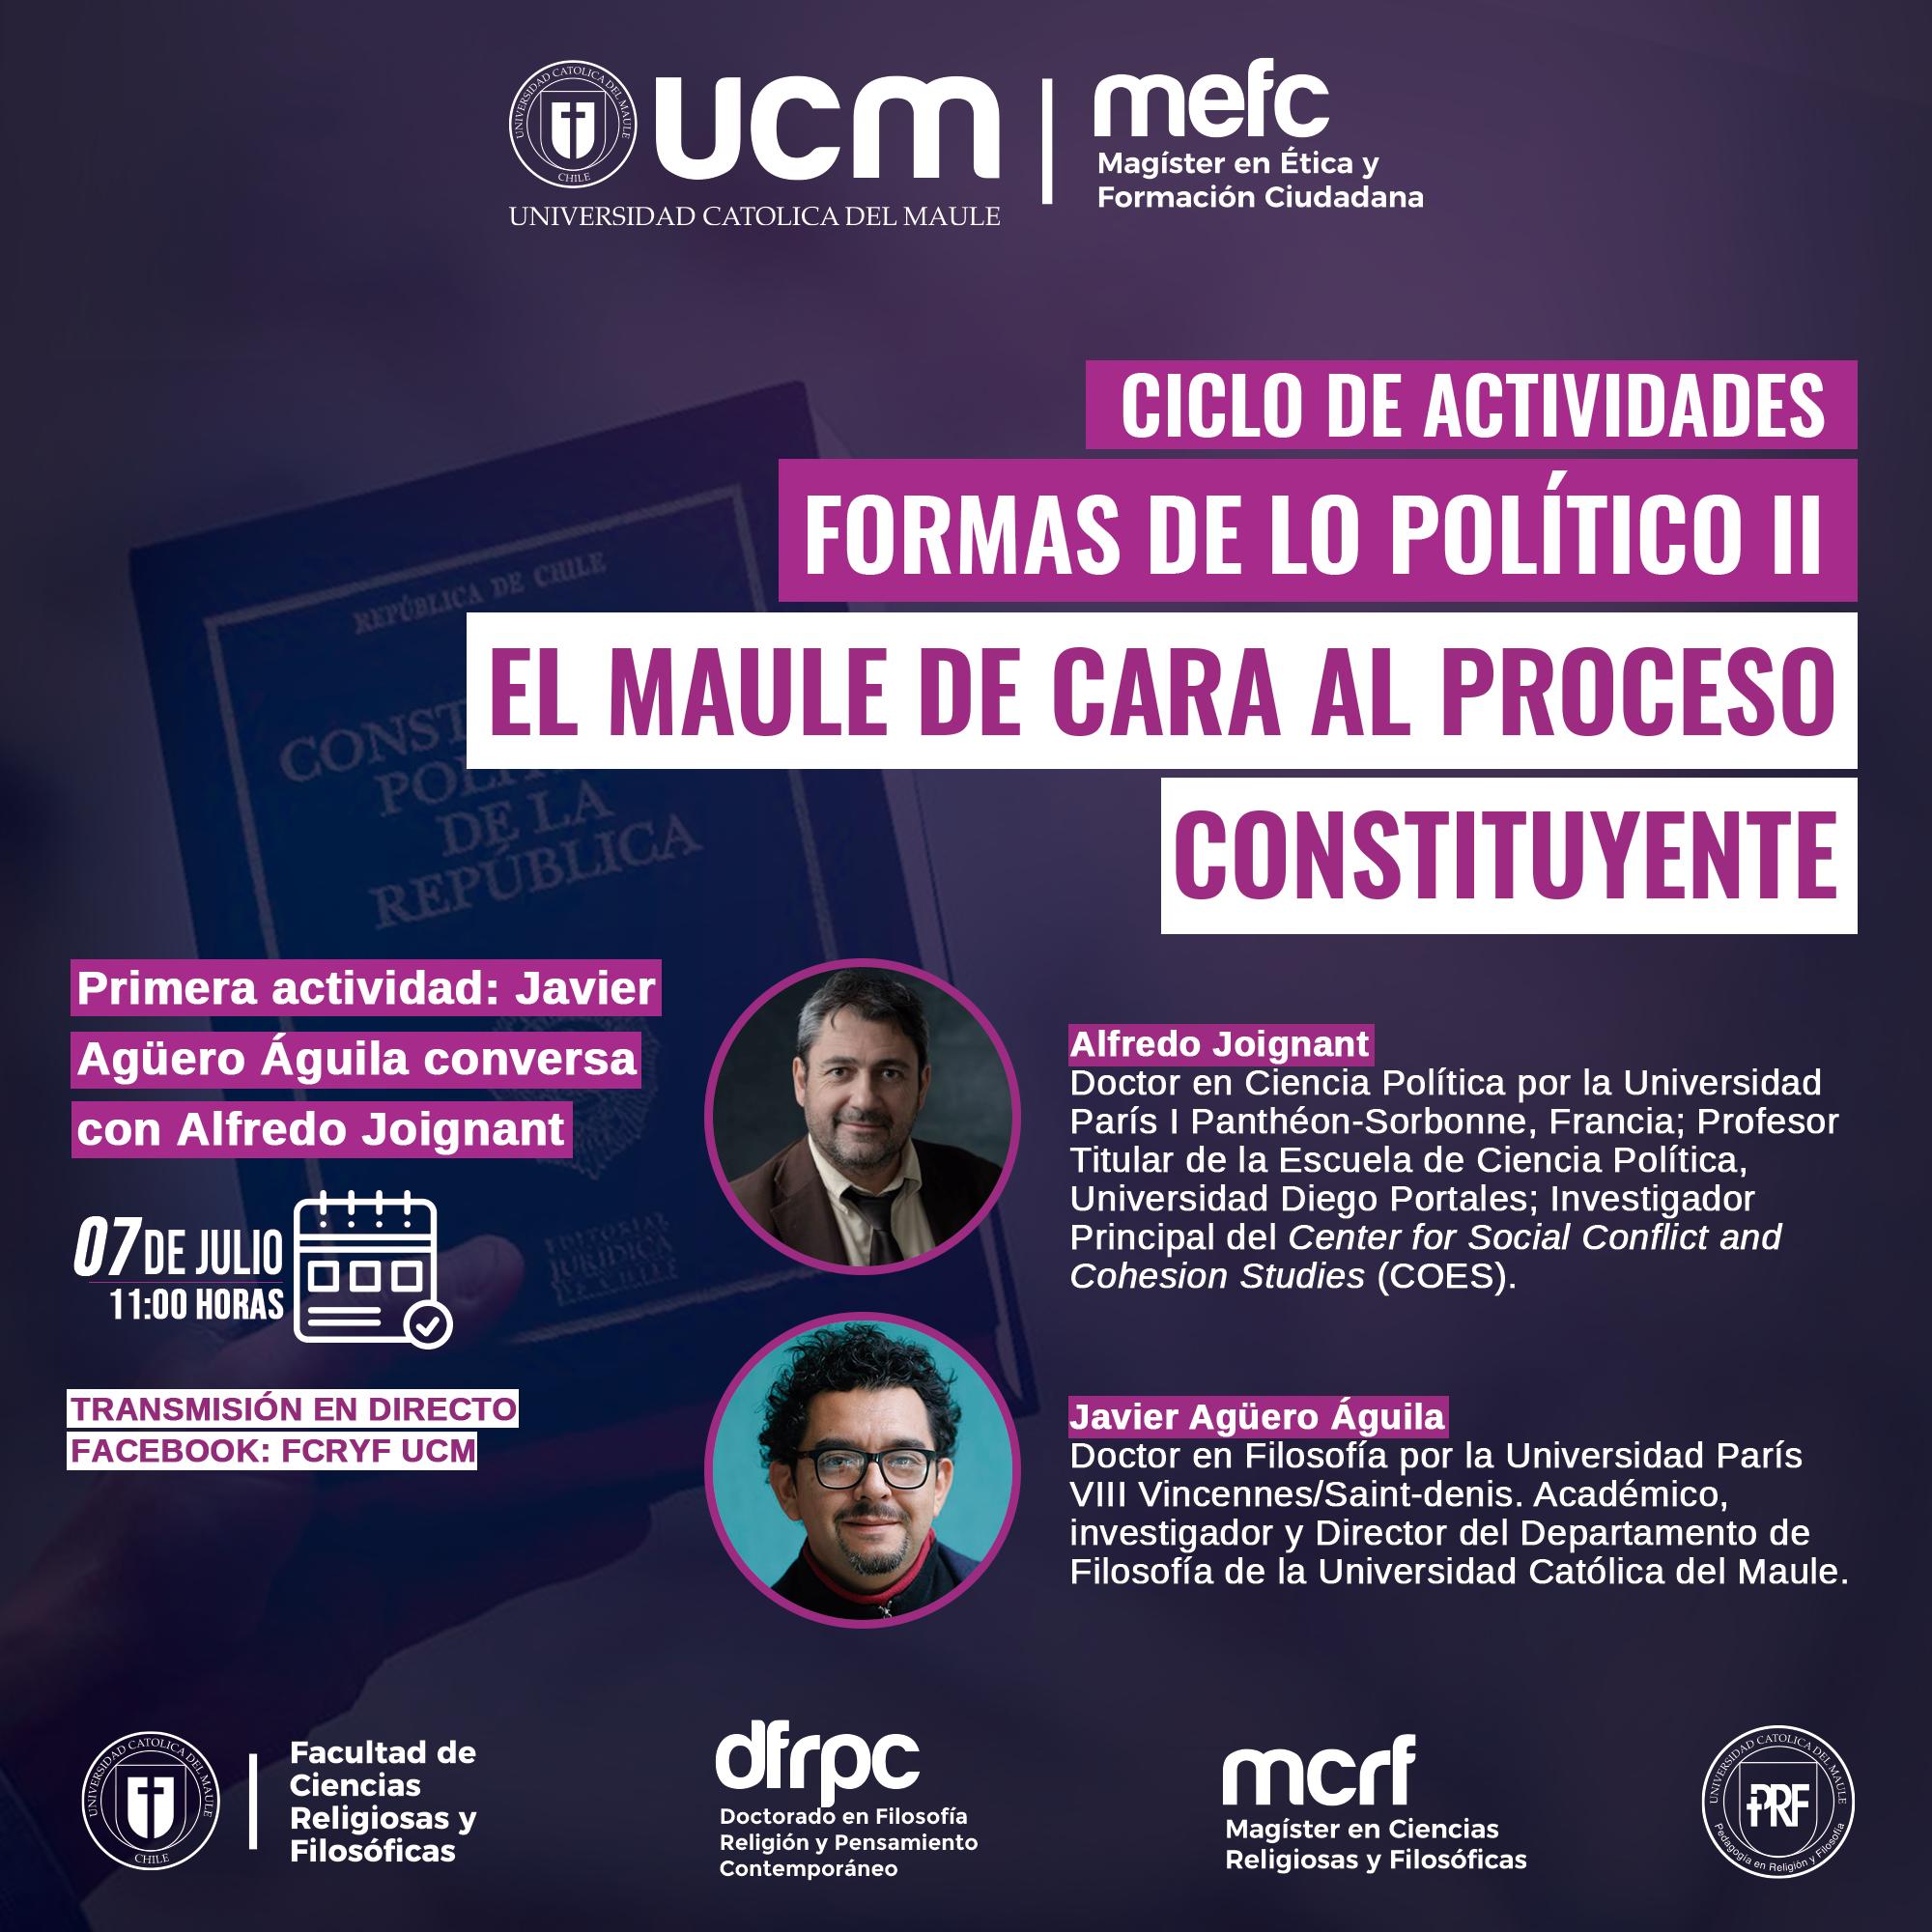 FORMAS DE LO POLÍTICO II: EL MAULE DE CARA AL PROCESO CONSTITUYENTE | UN ESPACIO PLURAL DE DISCUSIÓN DESDE LA UCM PARA LA REGIÓN